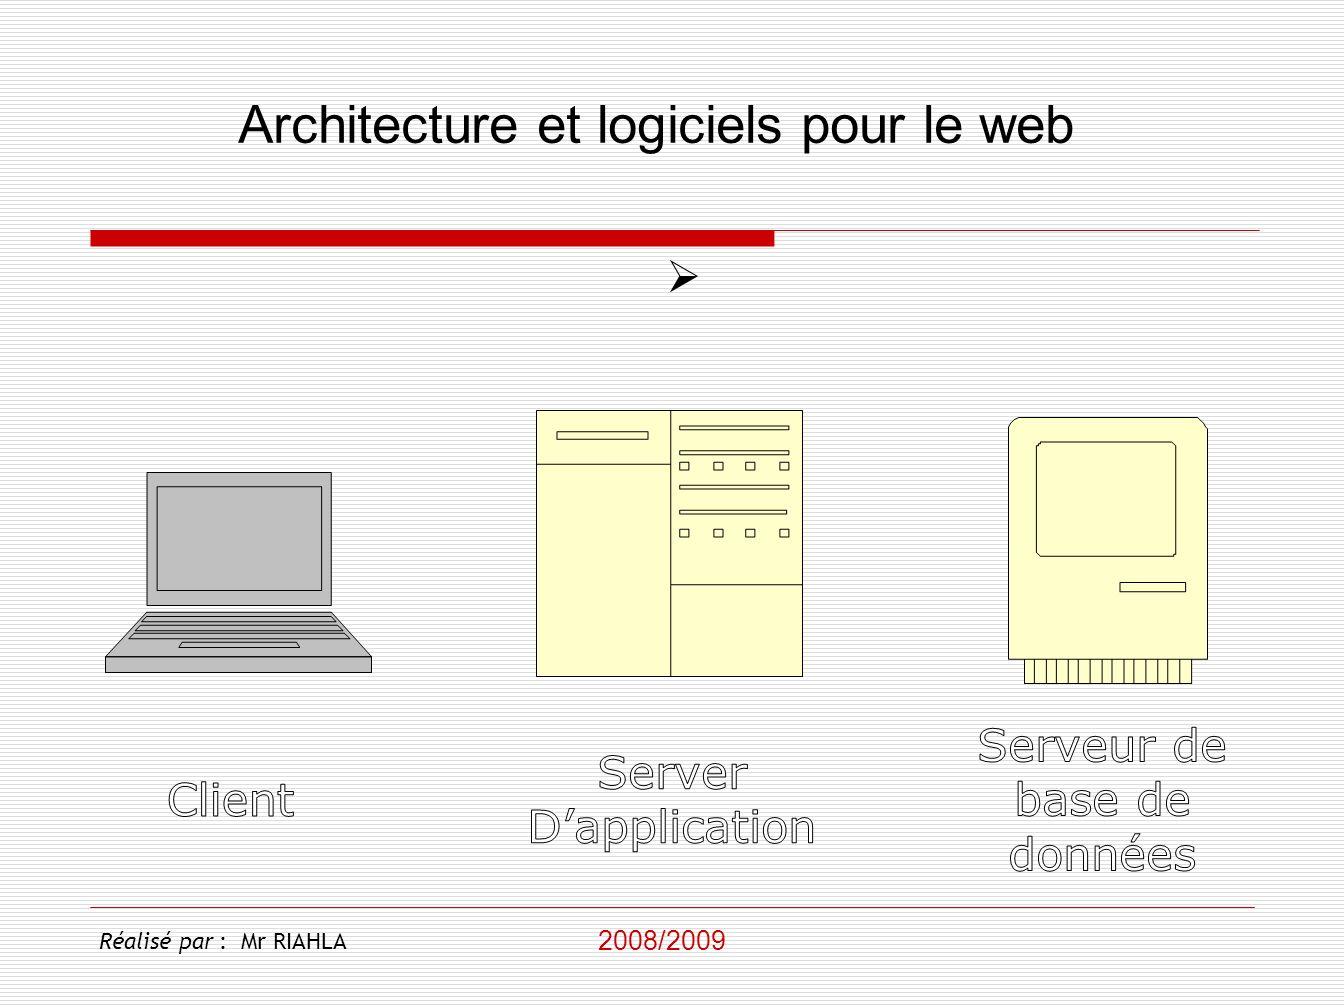 Architecture et logiciels pour le web